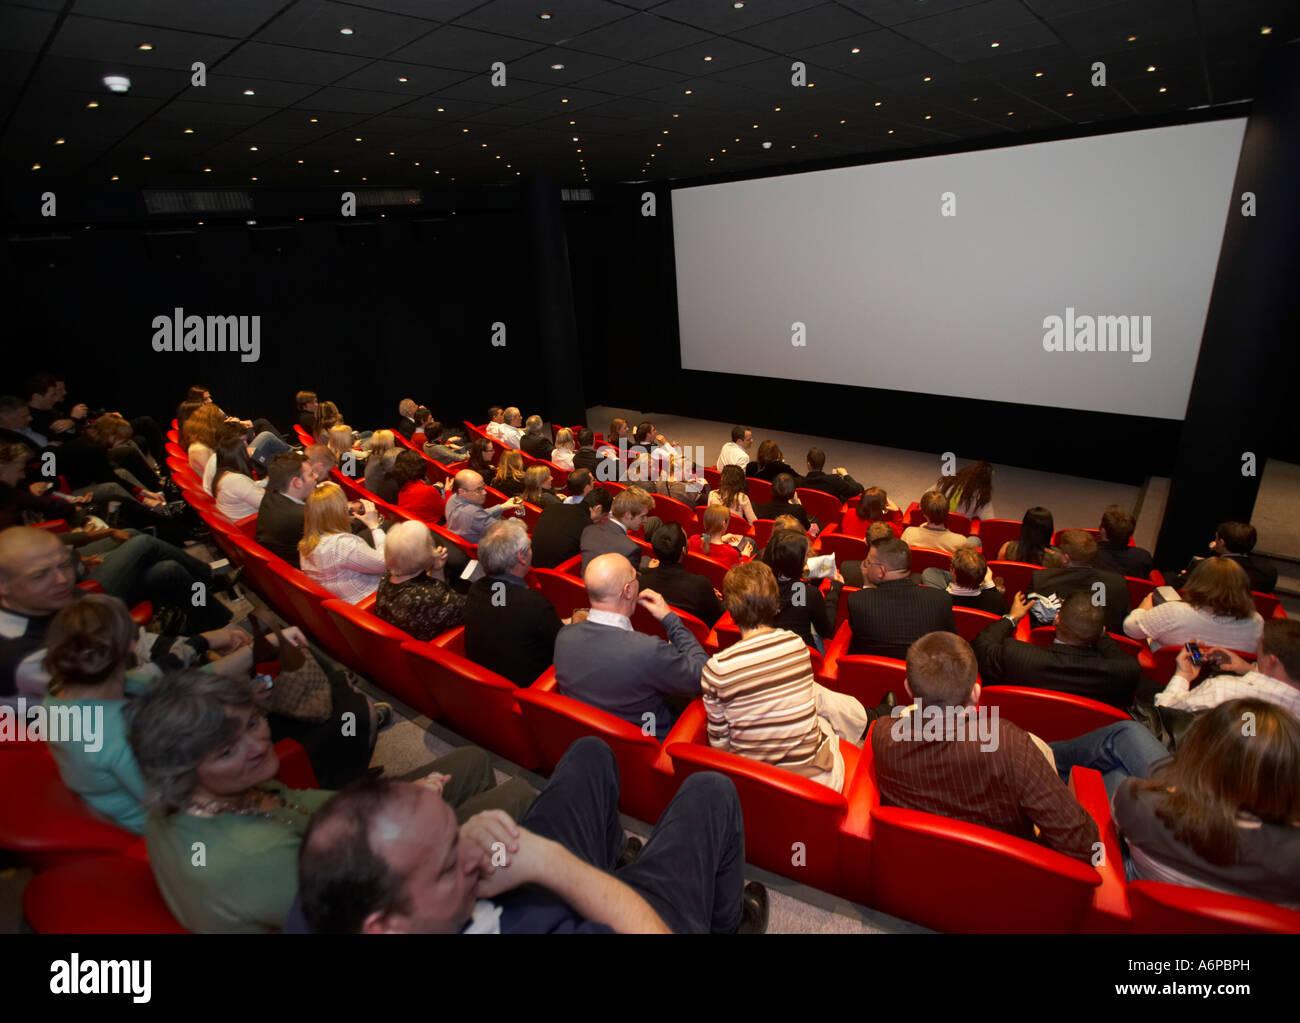 La gente a guardare uno schermo cinematografico in un teatro Immagini Stock